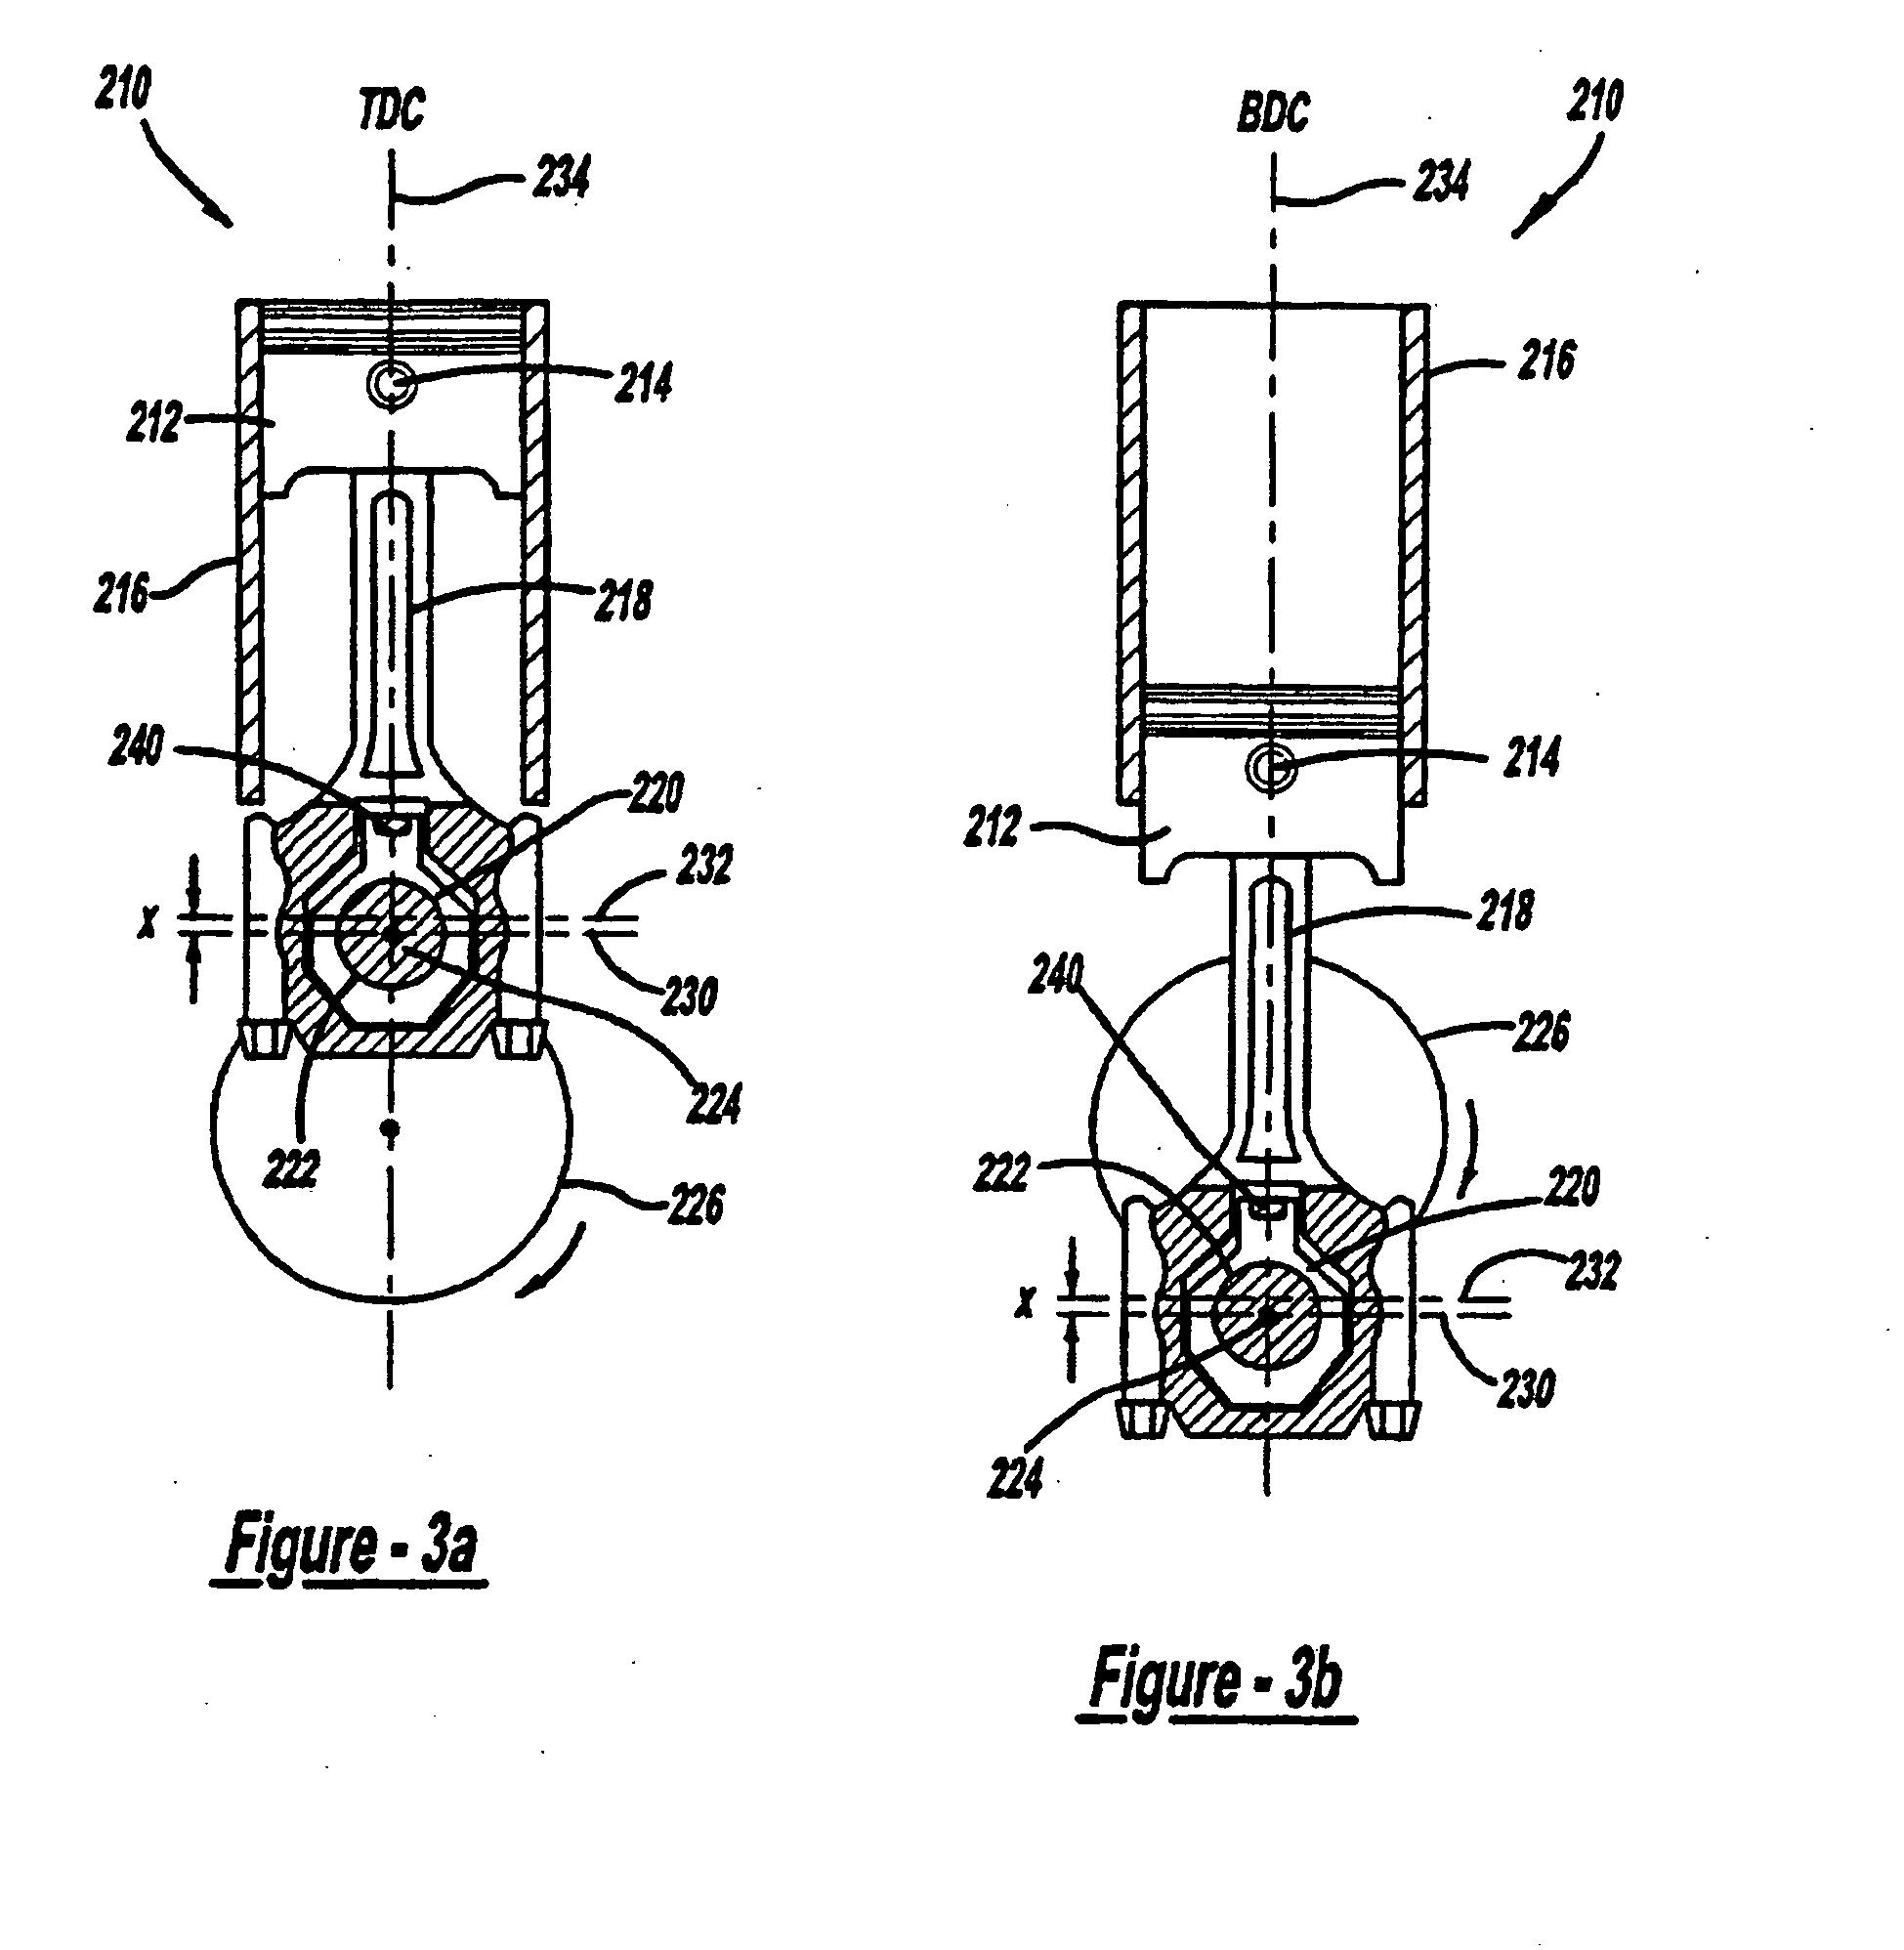 patent epb brennkraftmaschine mit variablem